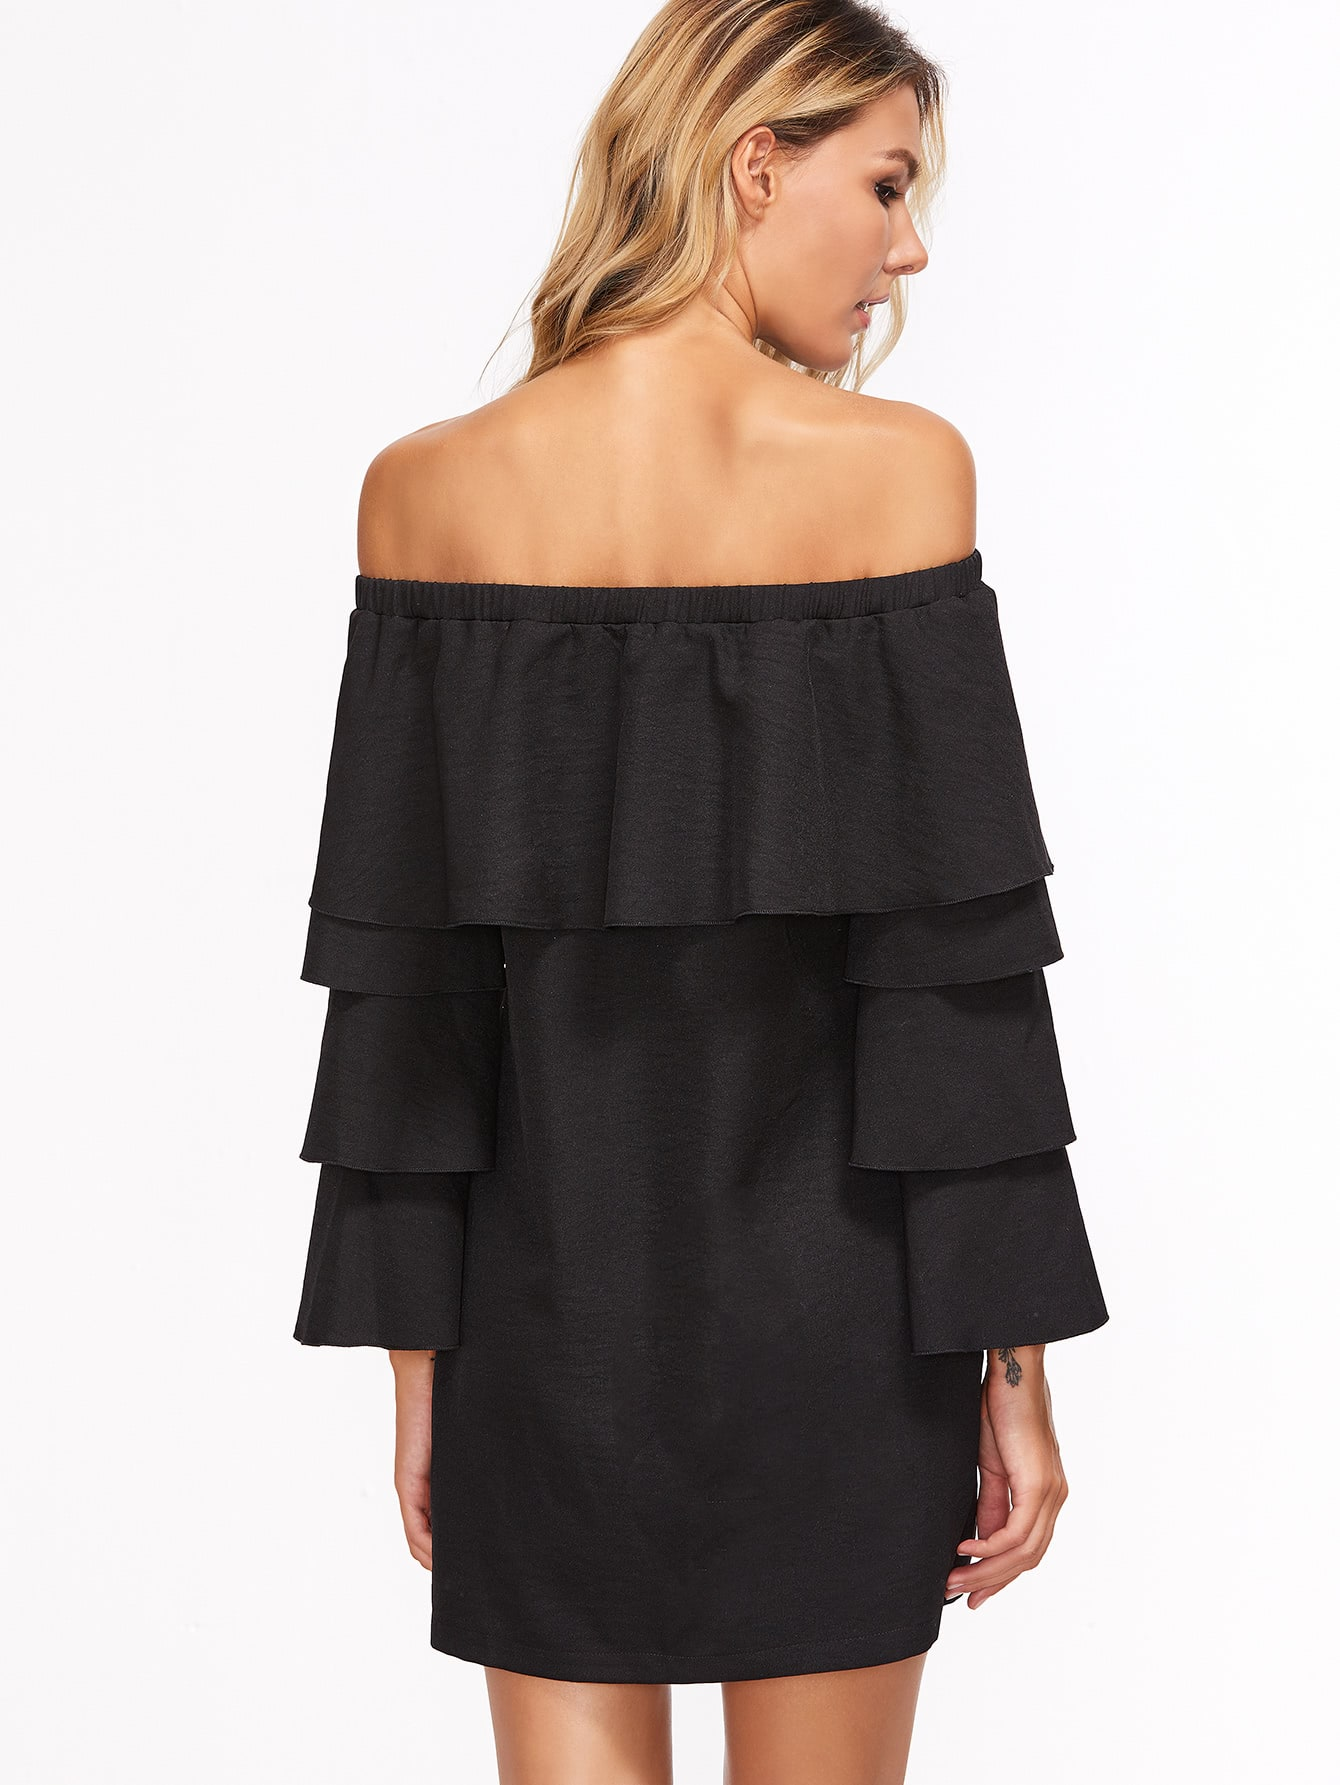 dress161021711_2